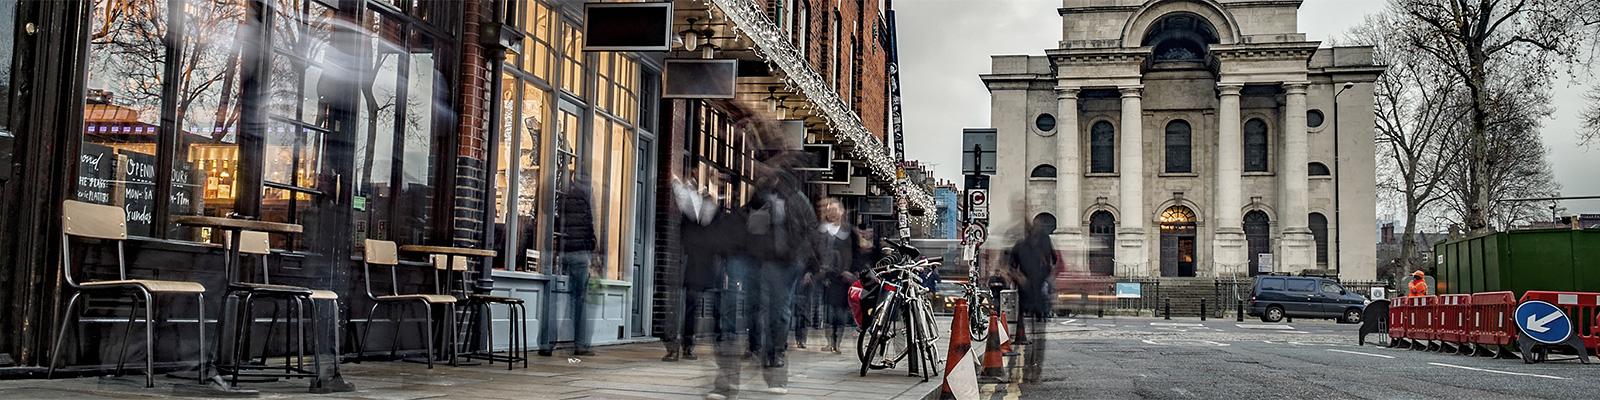 ロンドン スピタルフィールズ 人々 イメージ